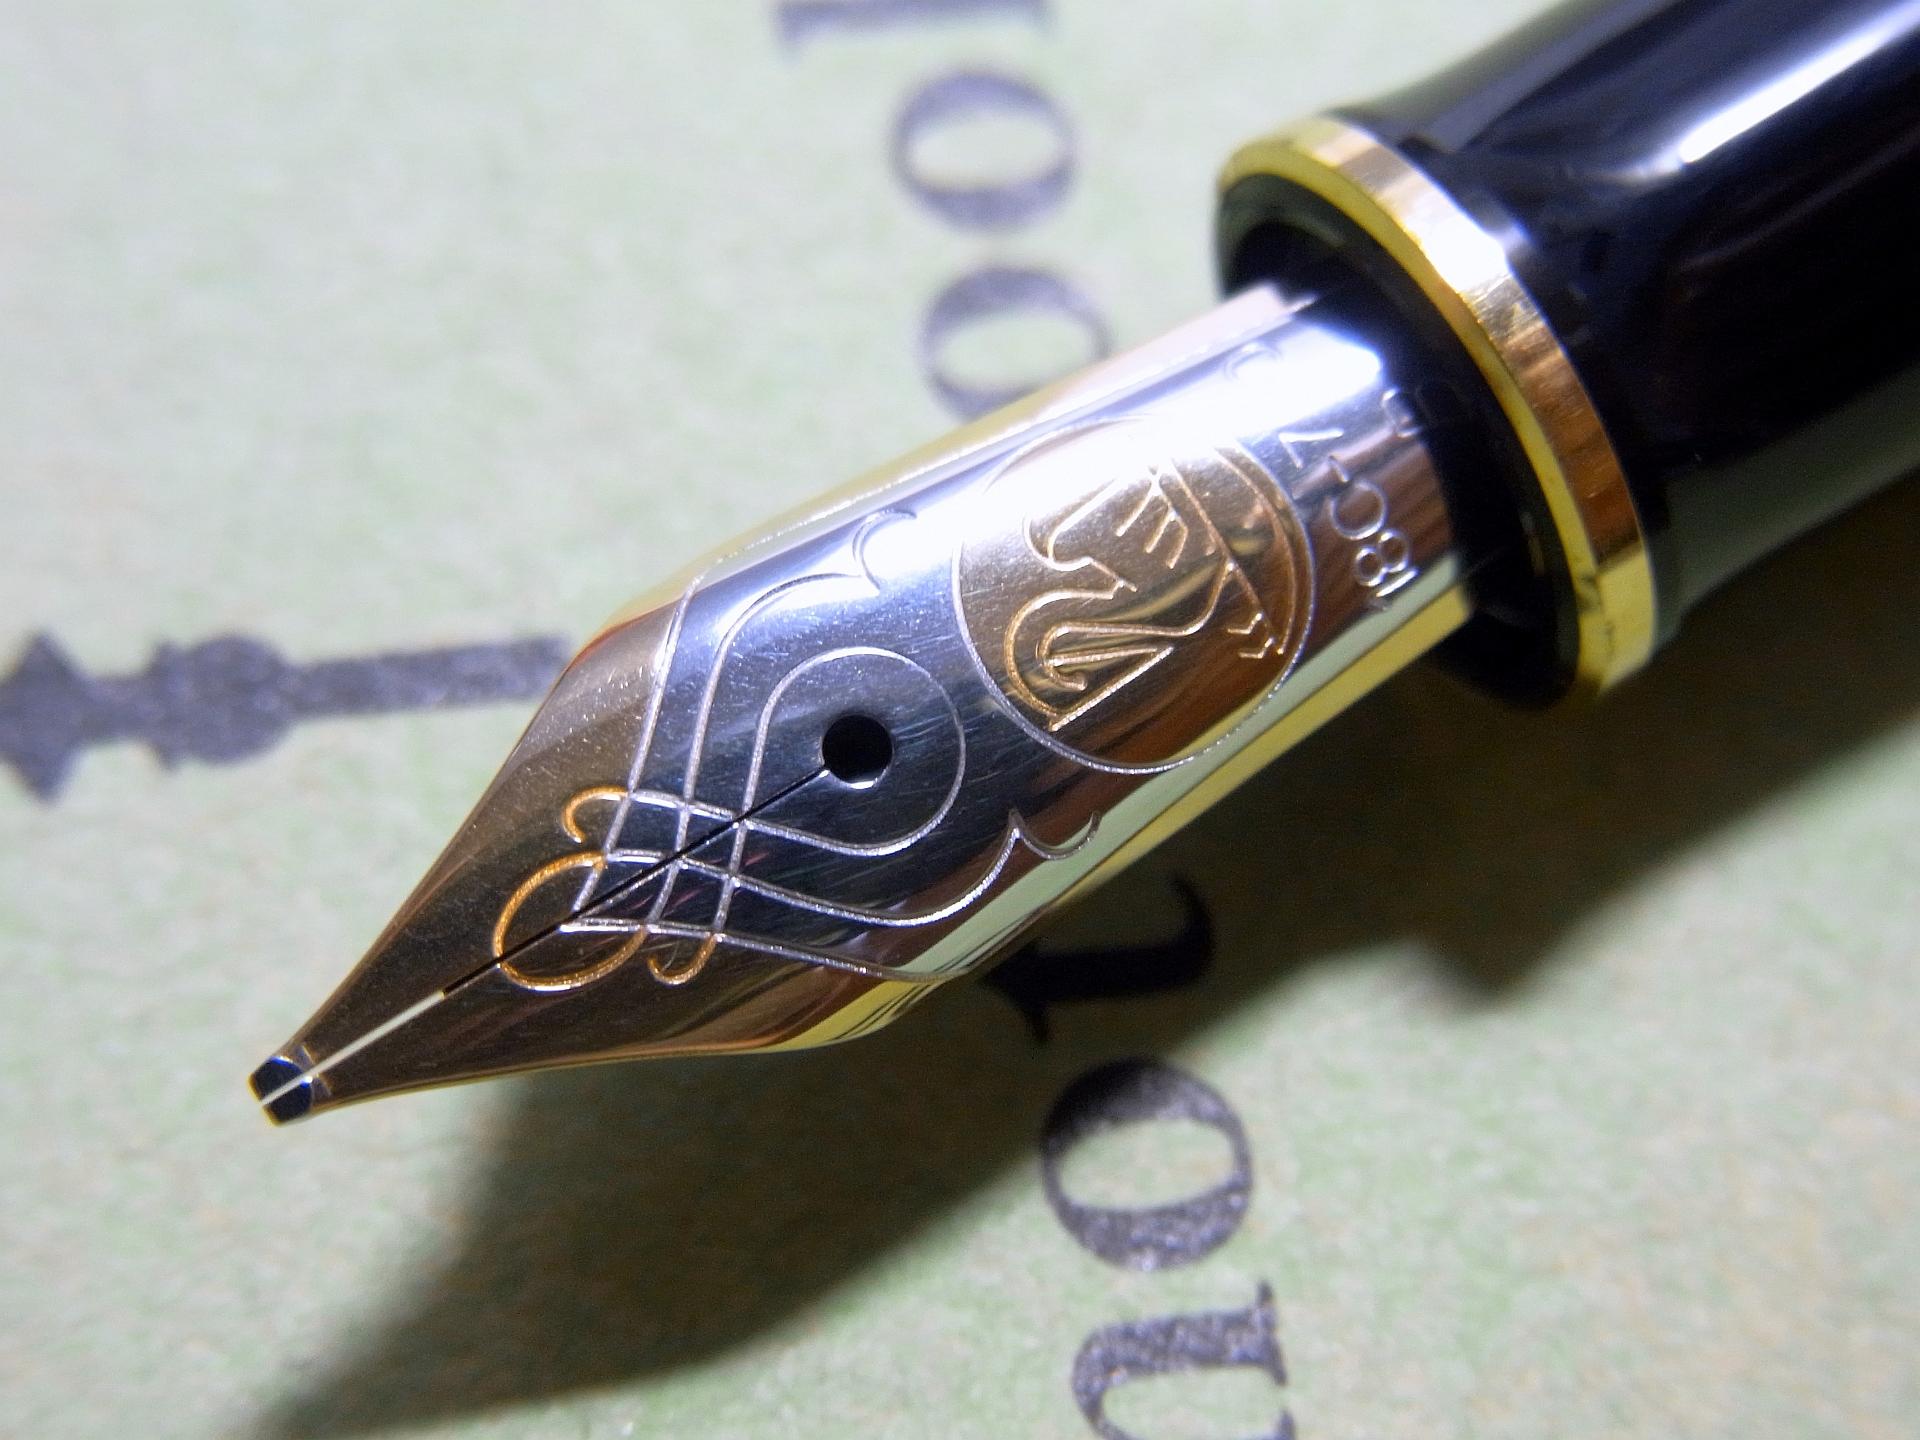 Pelikan M800 nib zoom